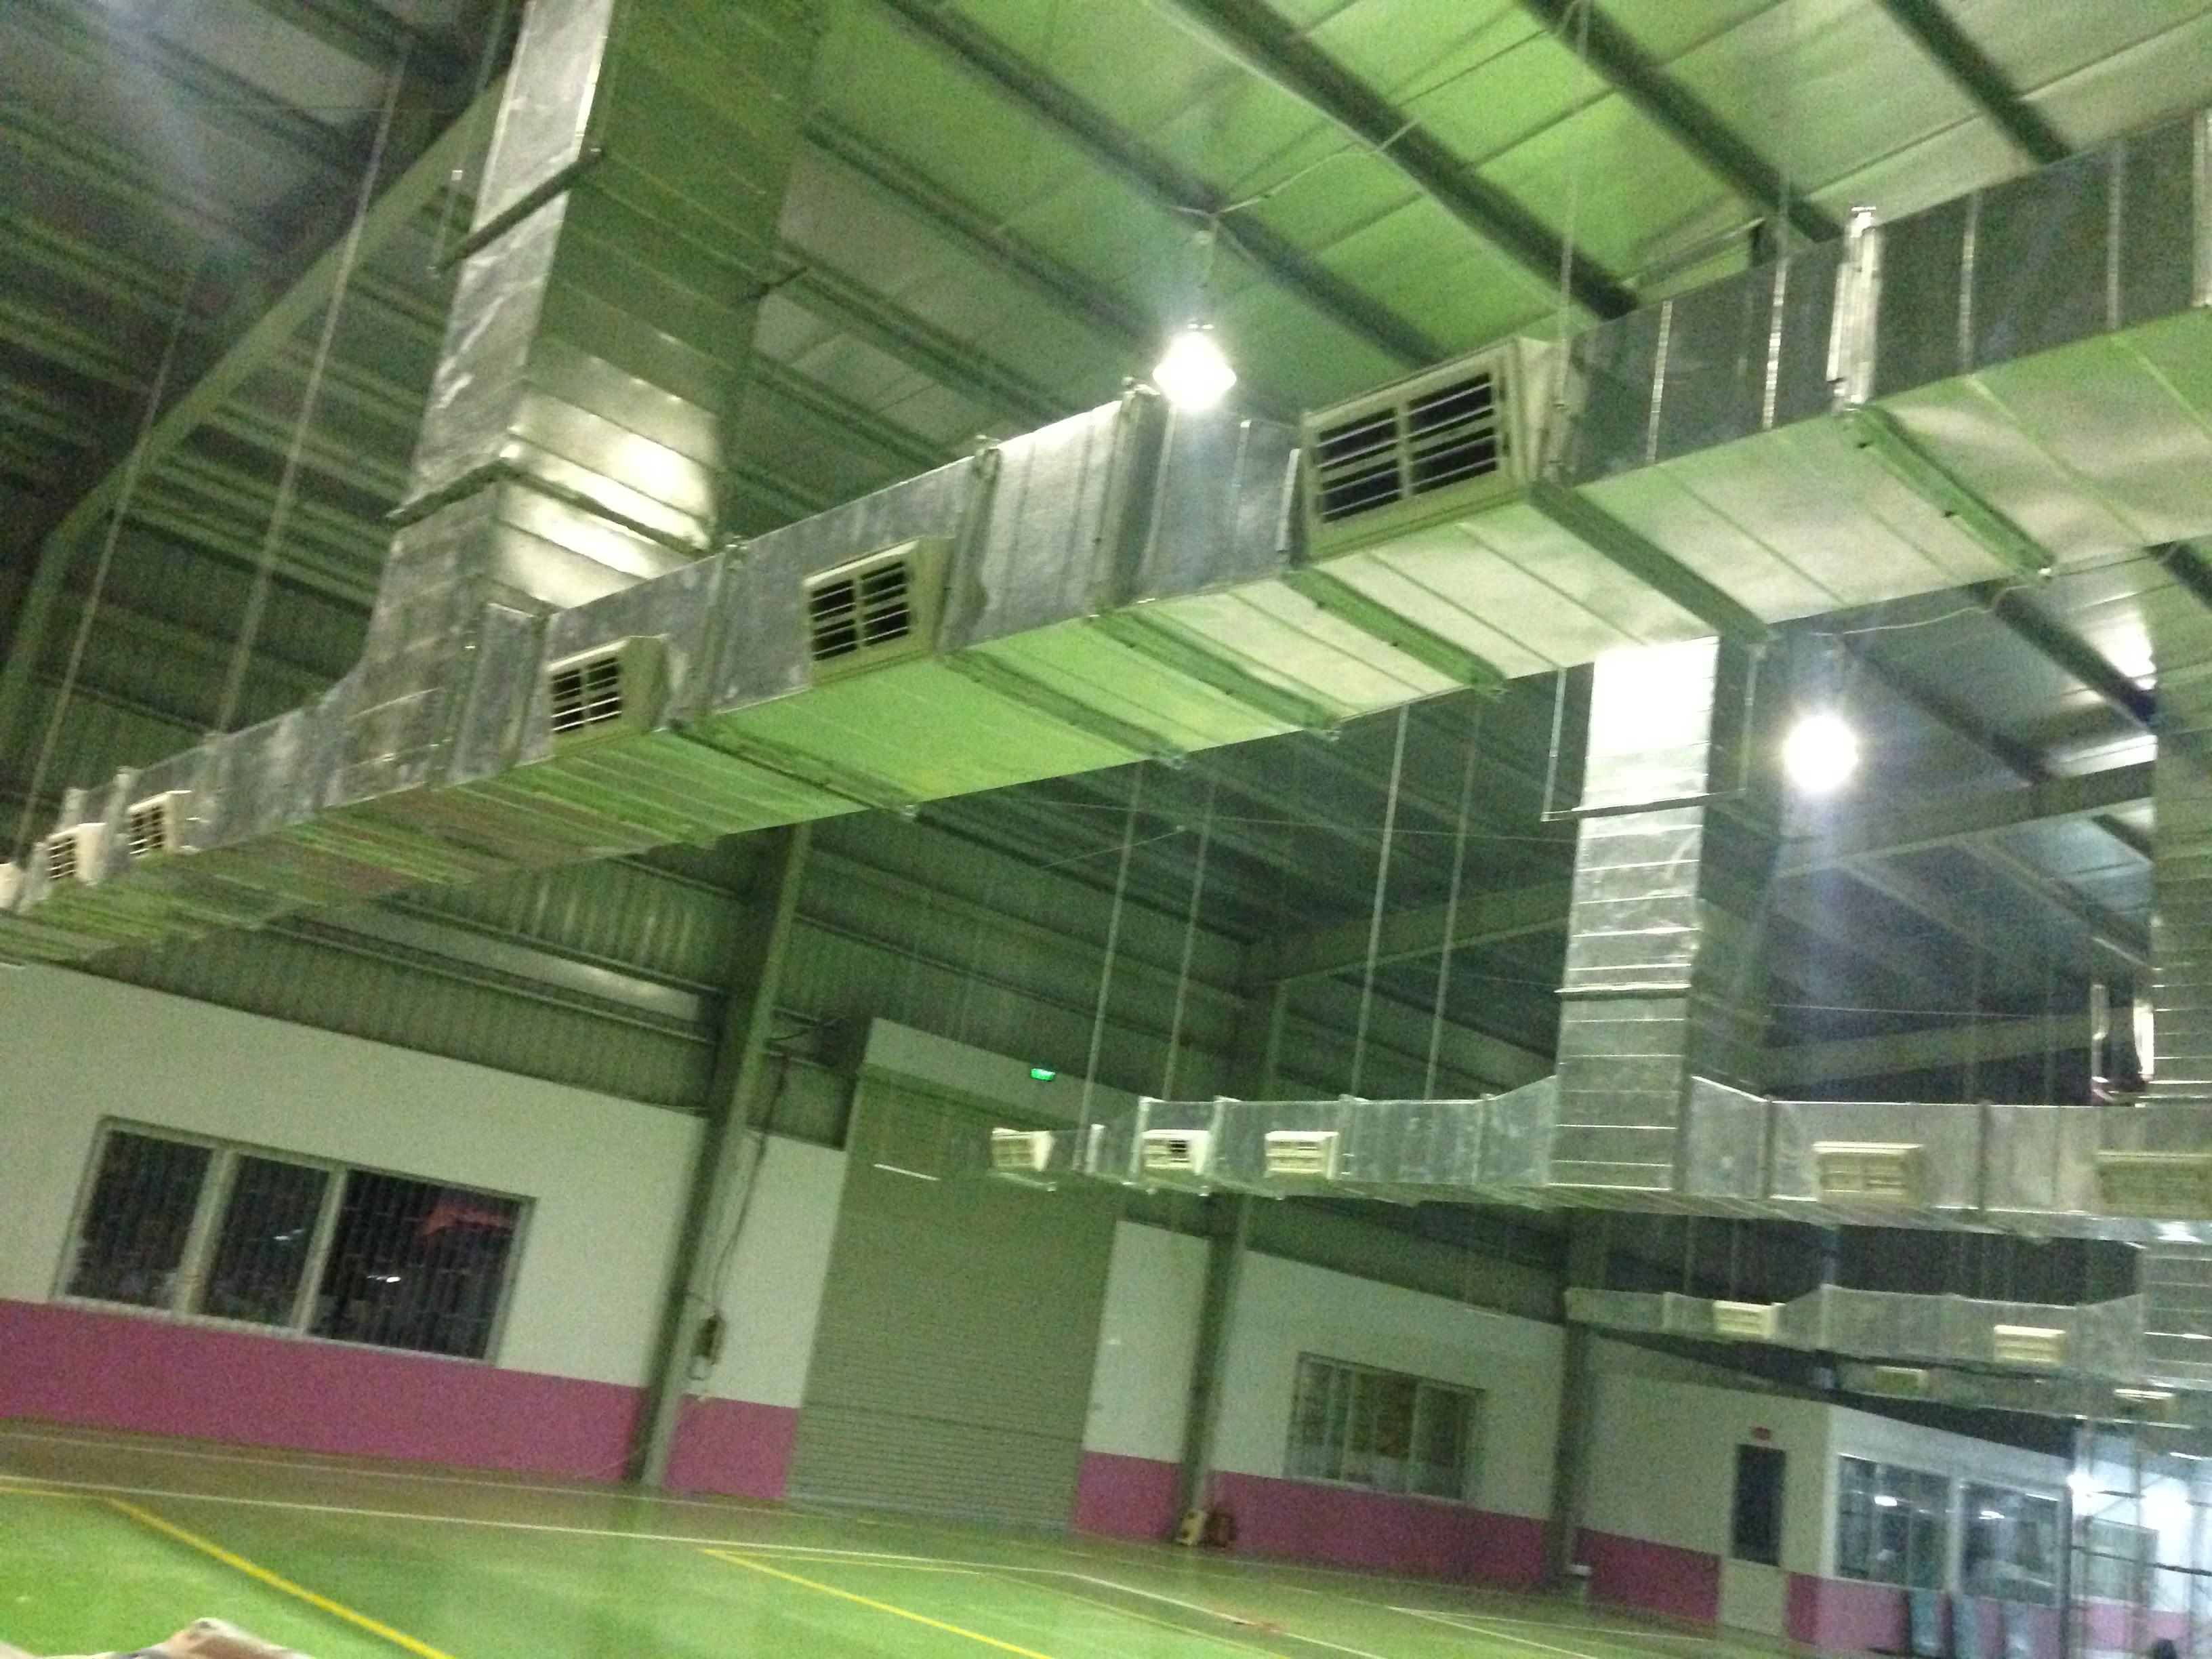 Tư vấn thiết kế hệ thống làm mát nhà xưởng tại nhà máy ABC Bắc Ninh